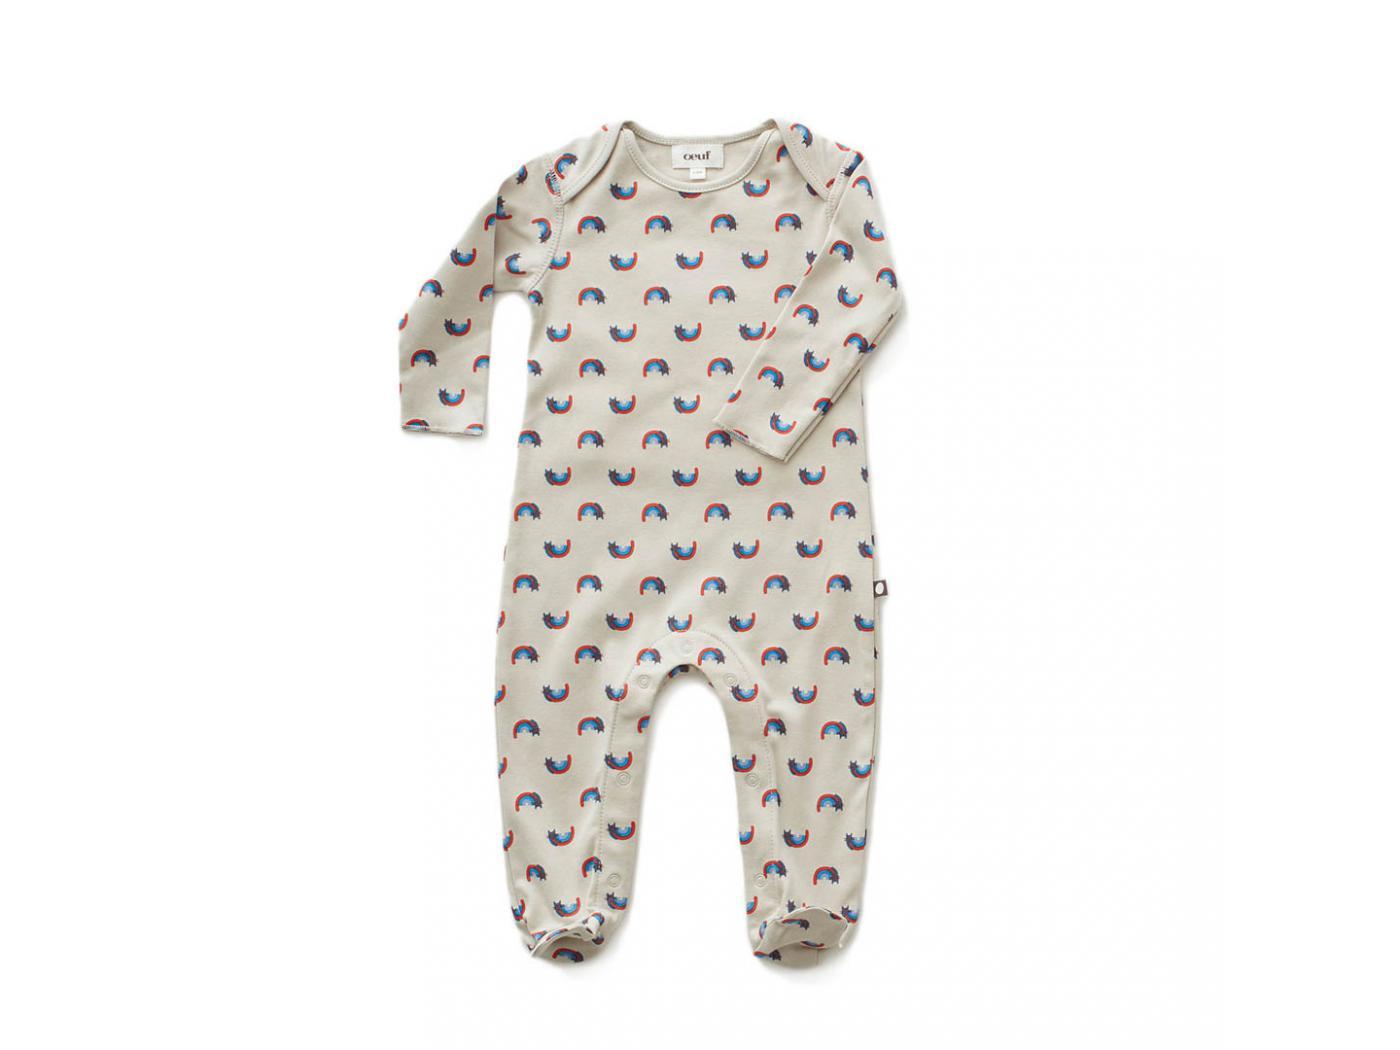 Oeuf Baby Clothes Combinaison Avec Pieds Chats Et Arcs